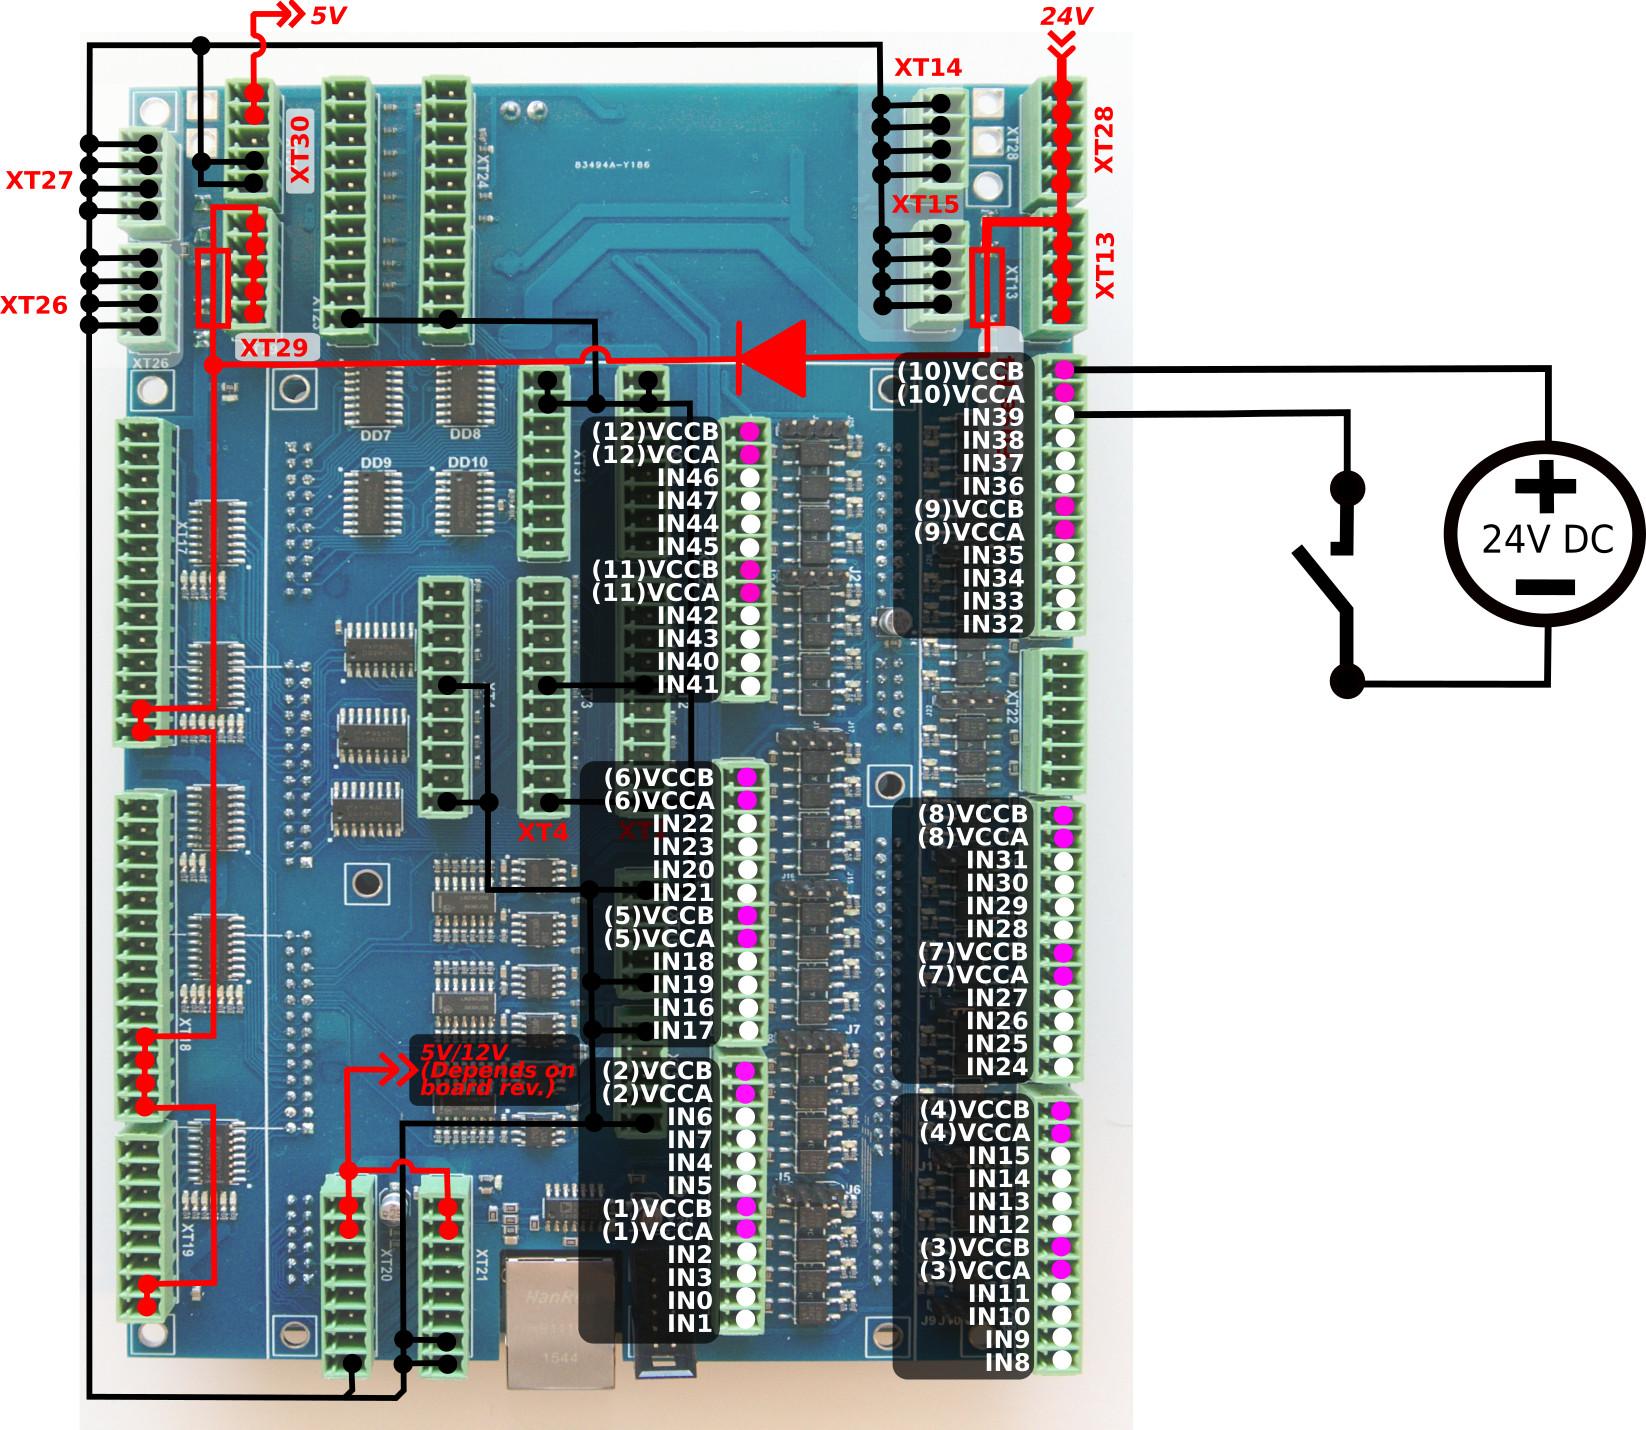 et10-j27-012-switch-external-1.jpg